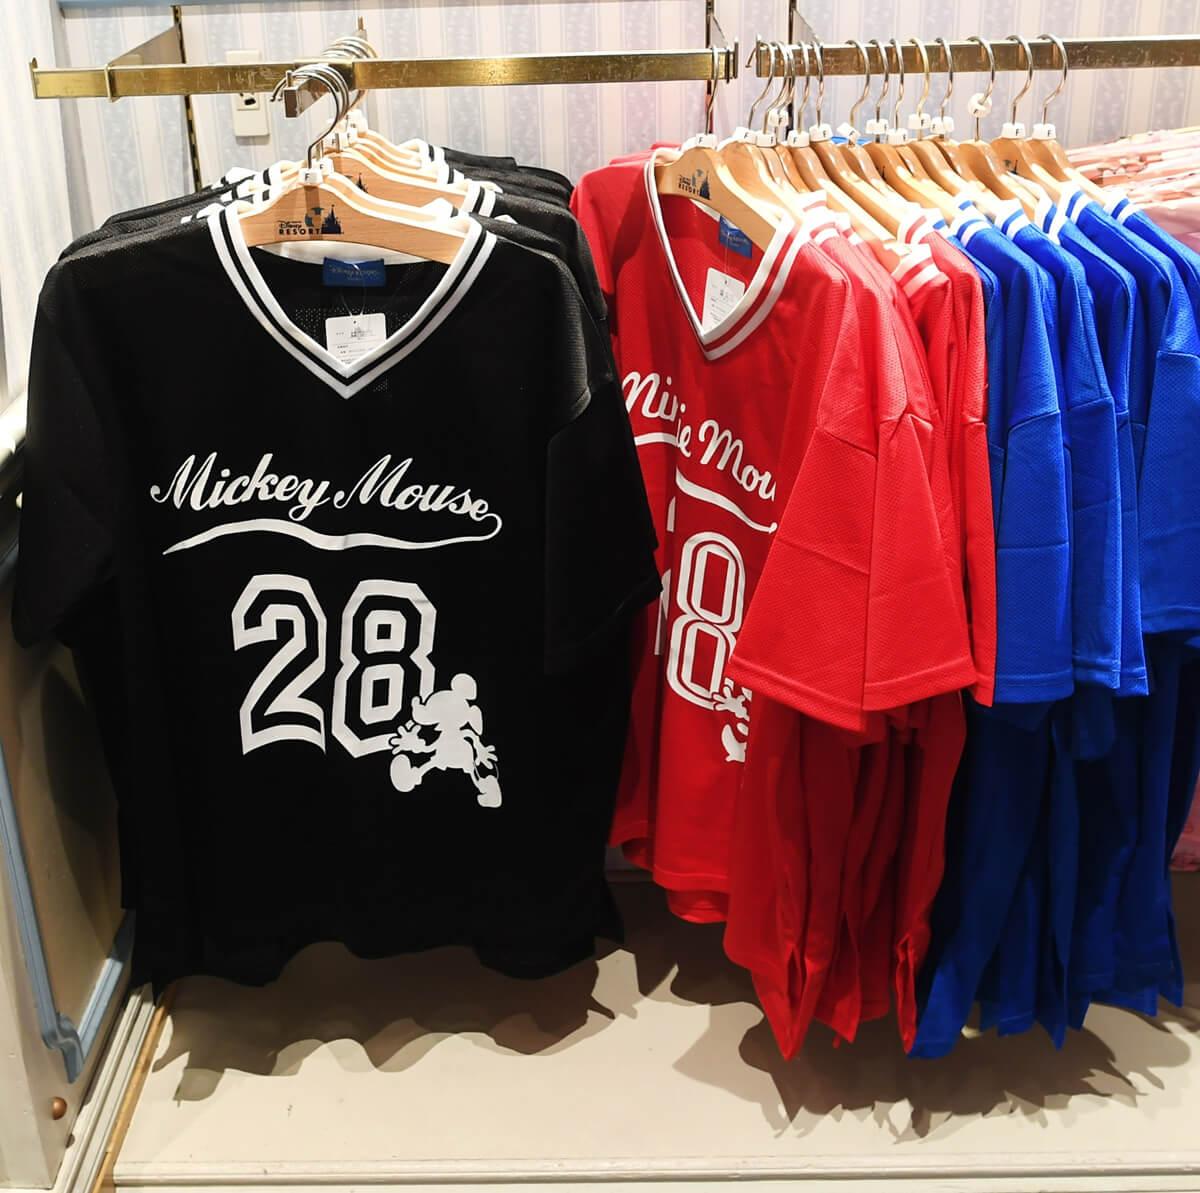 スポーツウェア風Tシャツ